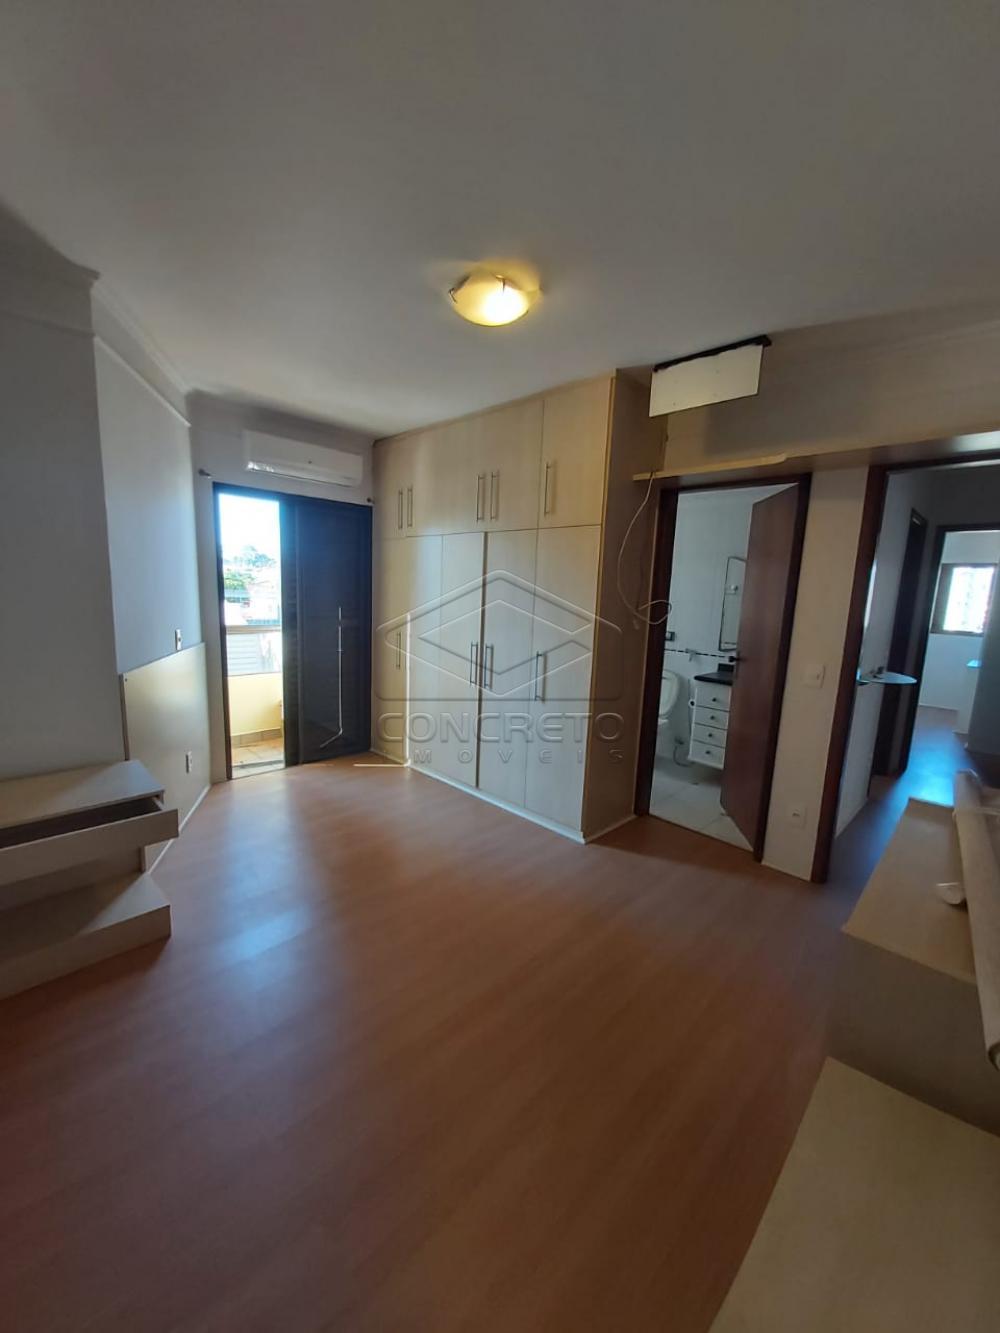 Comprar Apartamento / Padrão em Bauru R$ 510.000,00 - Foto 5